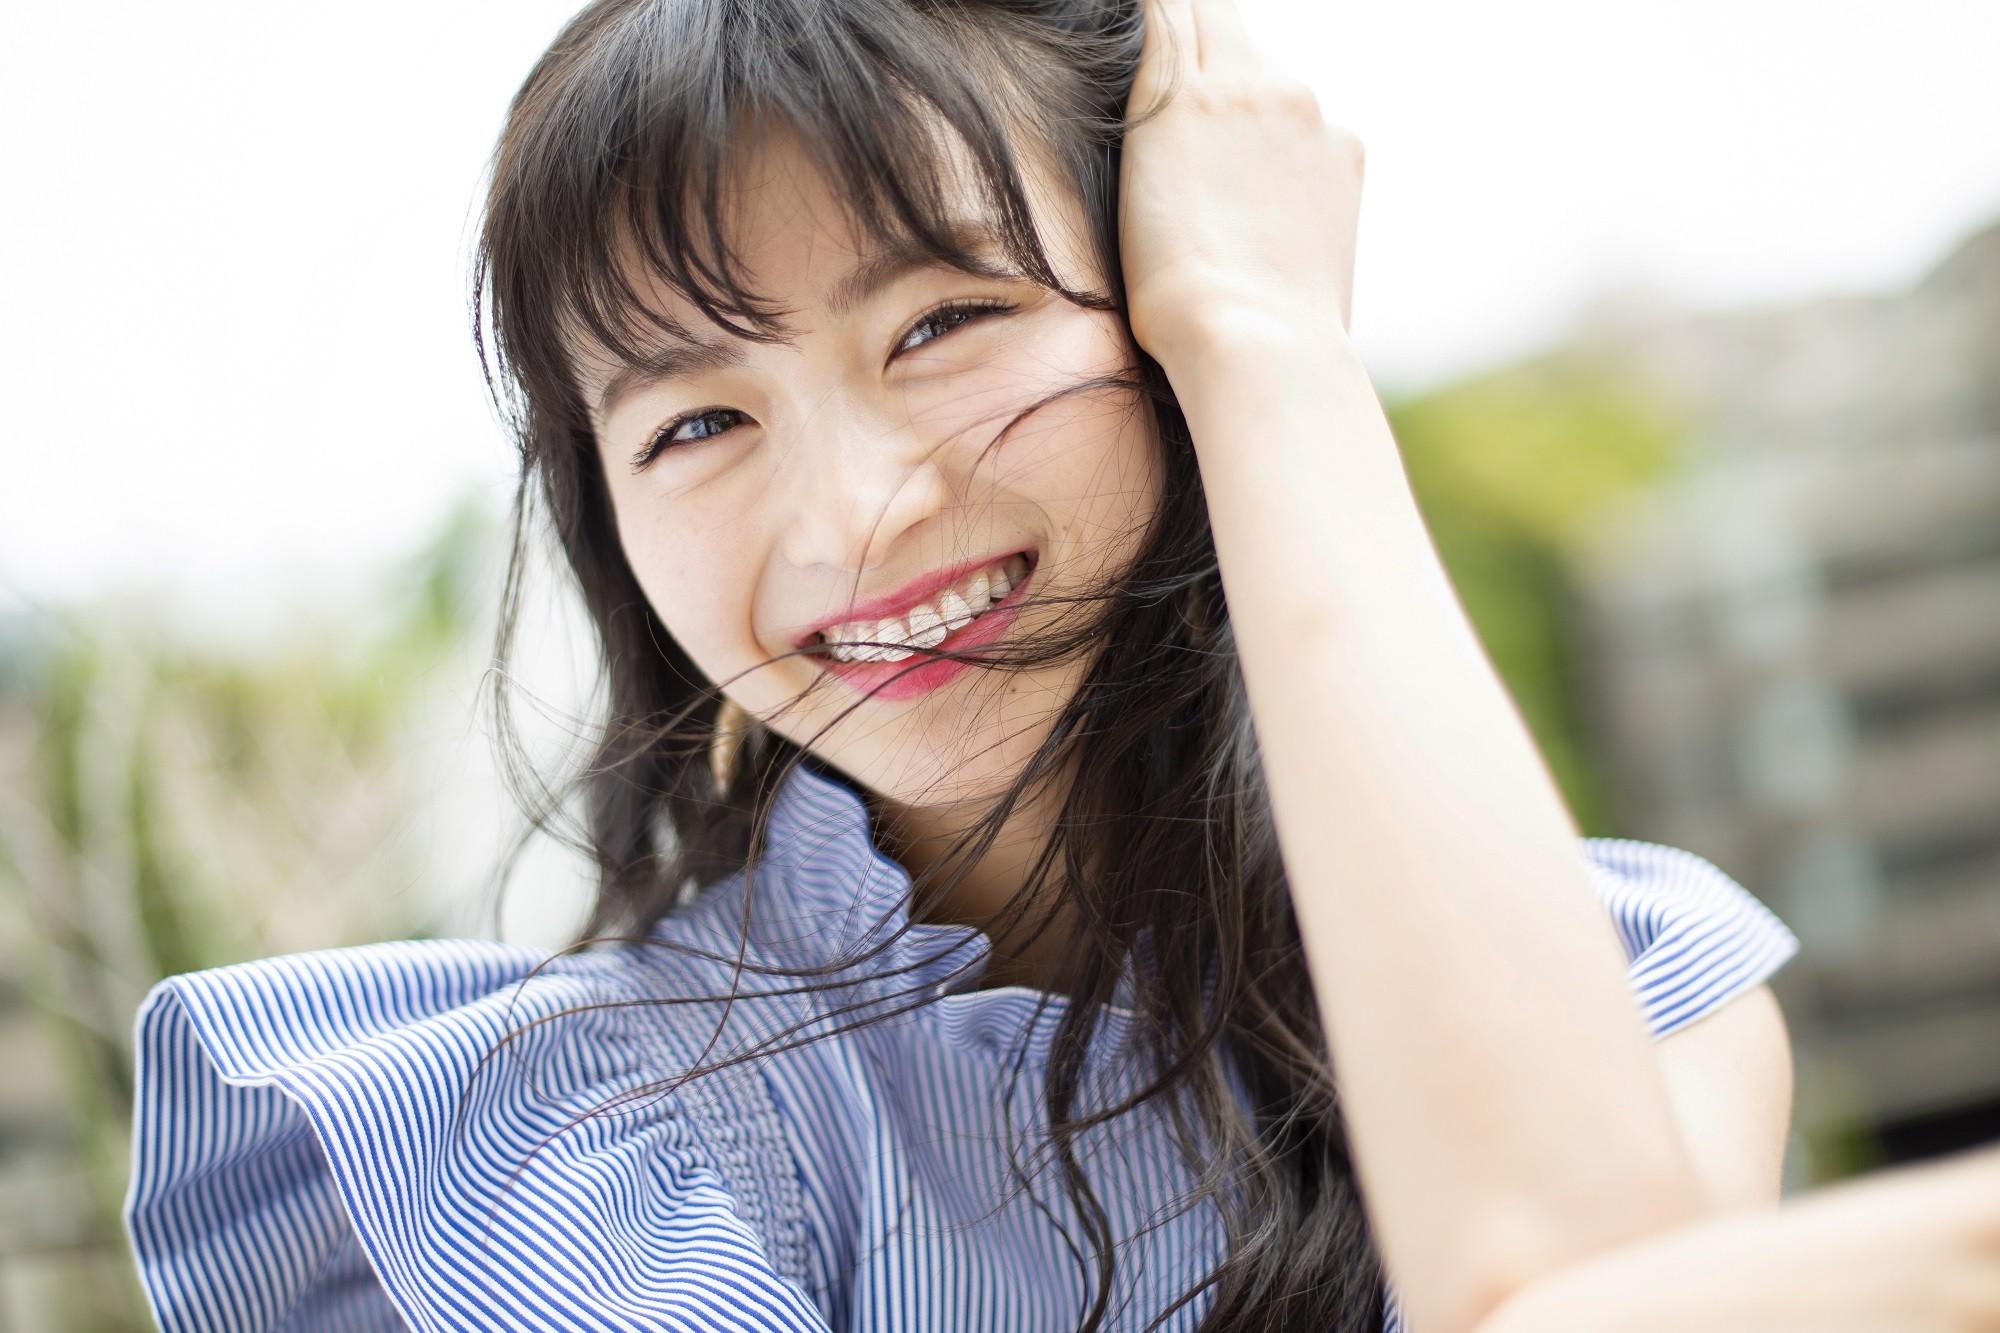 夏が大好き!」岡崎紗絵 スイカやかき氷の差し入れに歓喜! (ザ